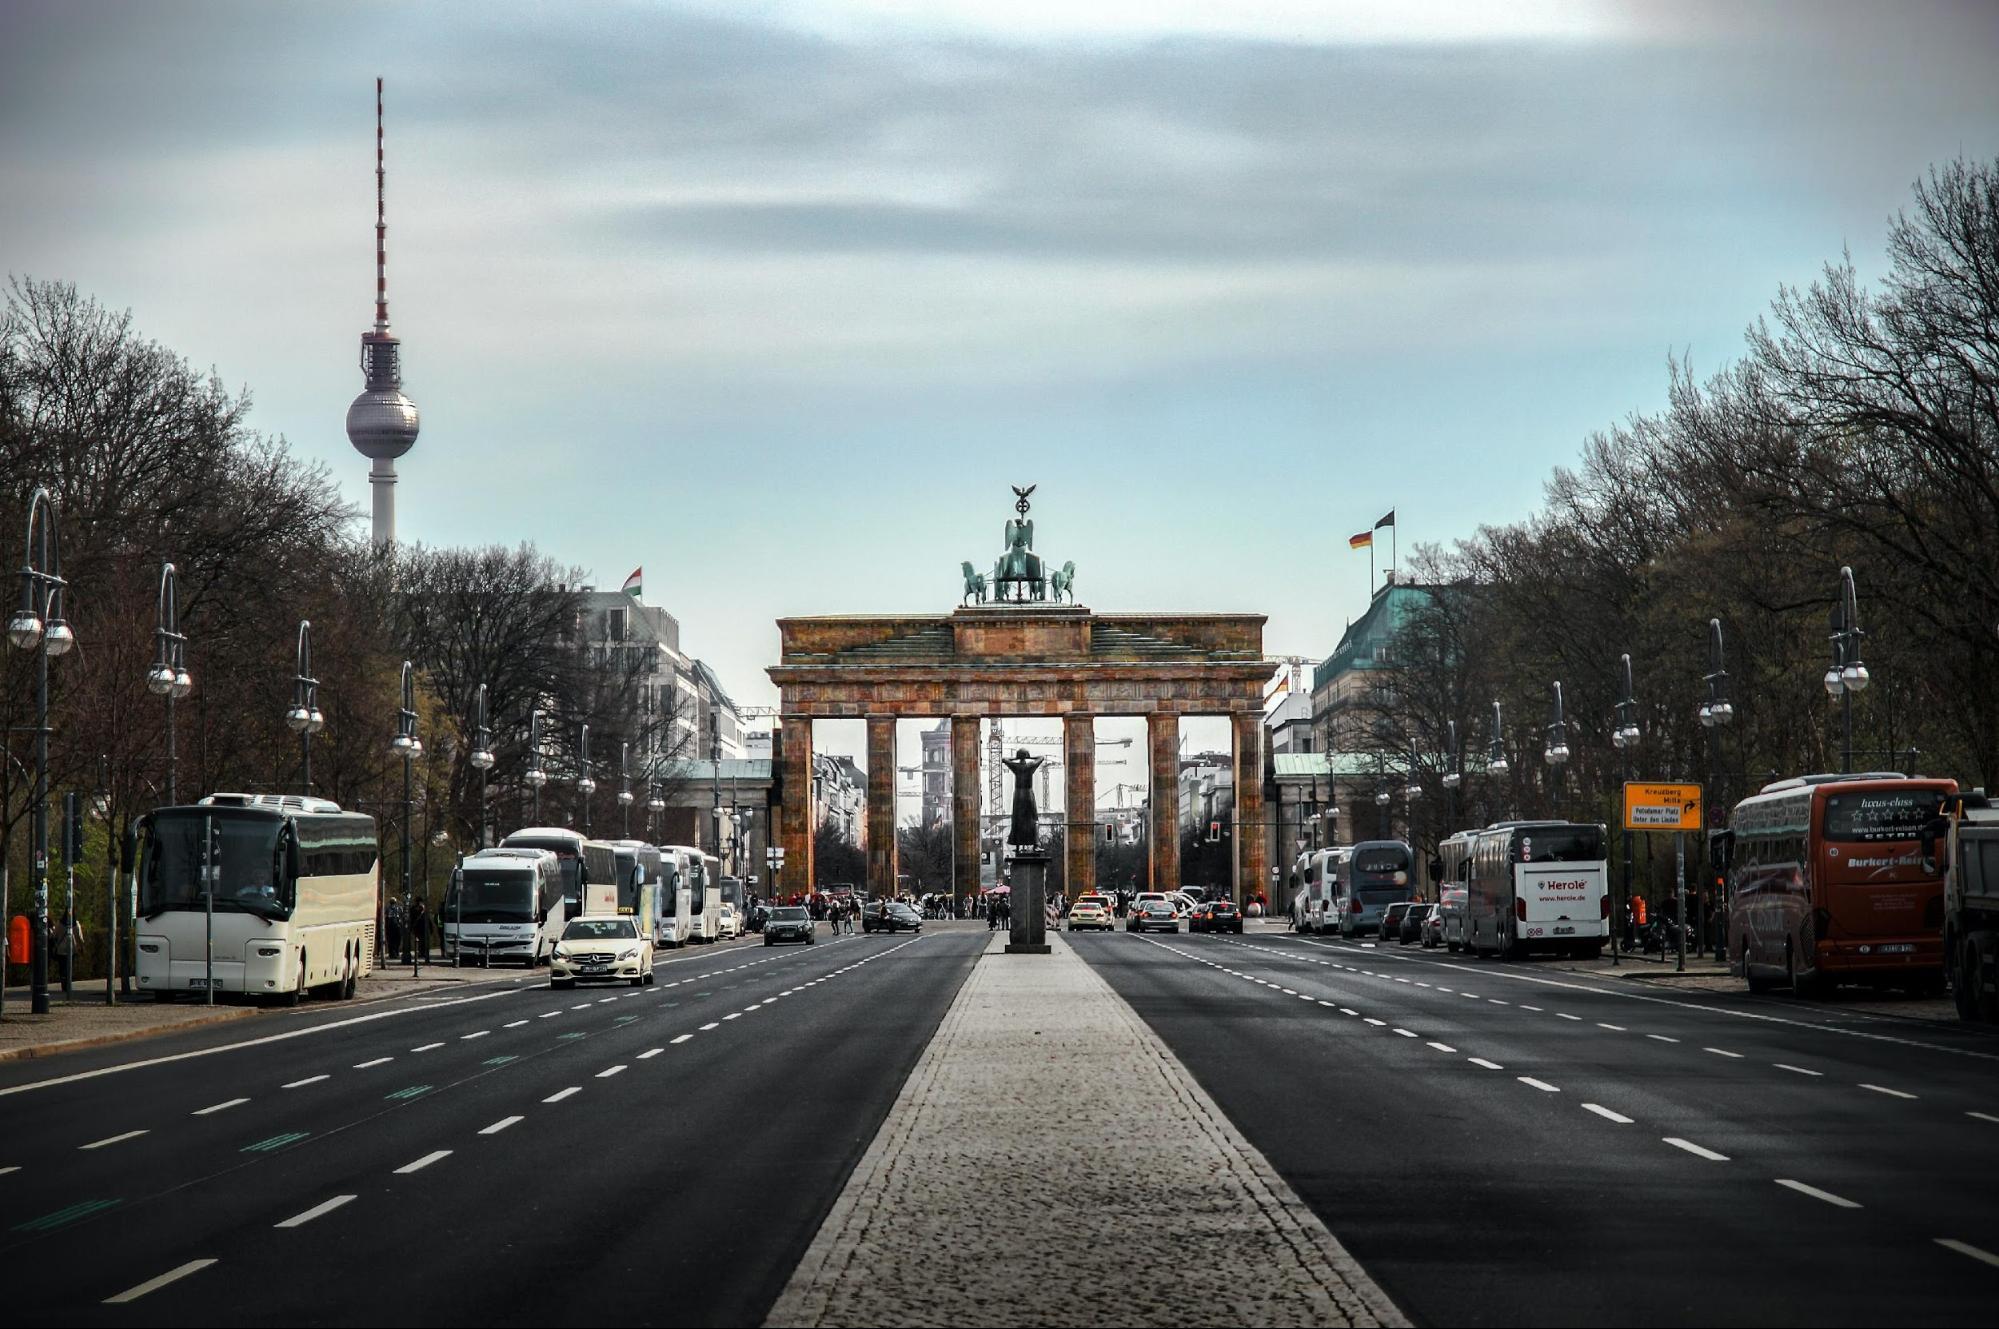 Kinh nghiệm Xin visa đi Đức thăm thân nhân